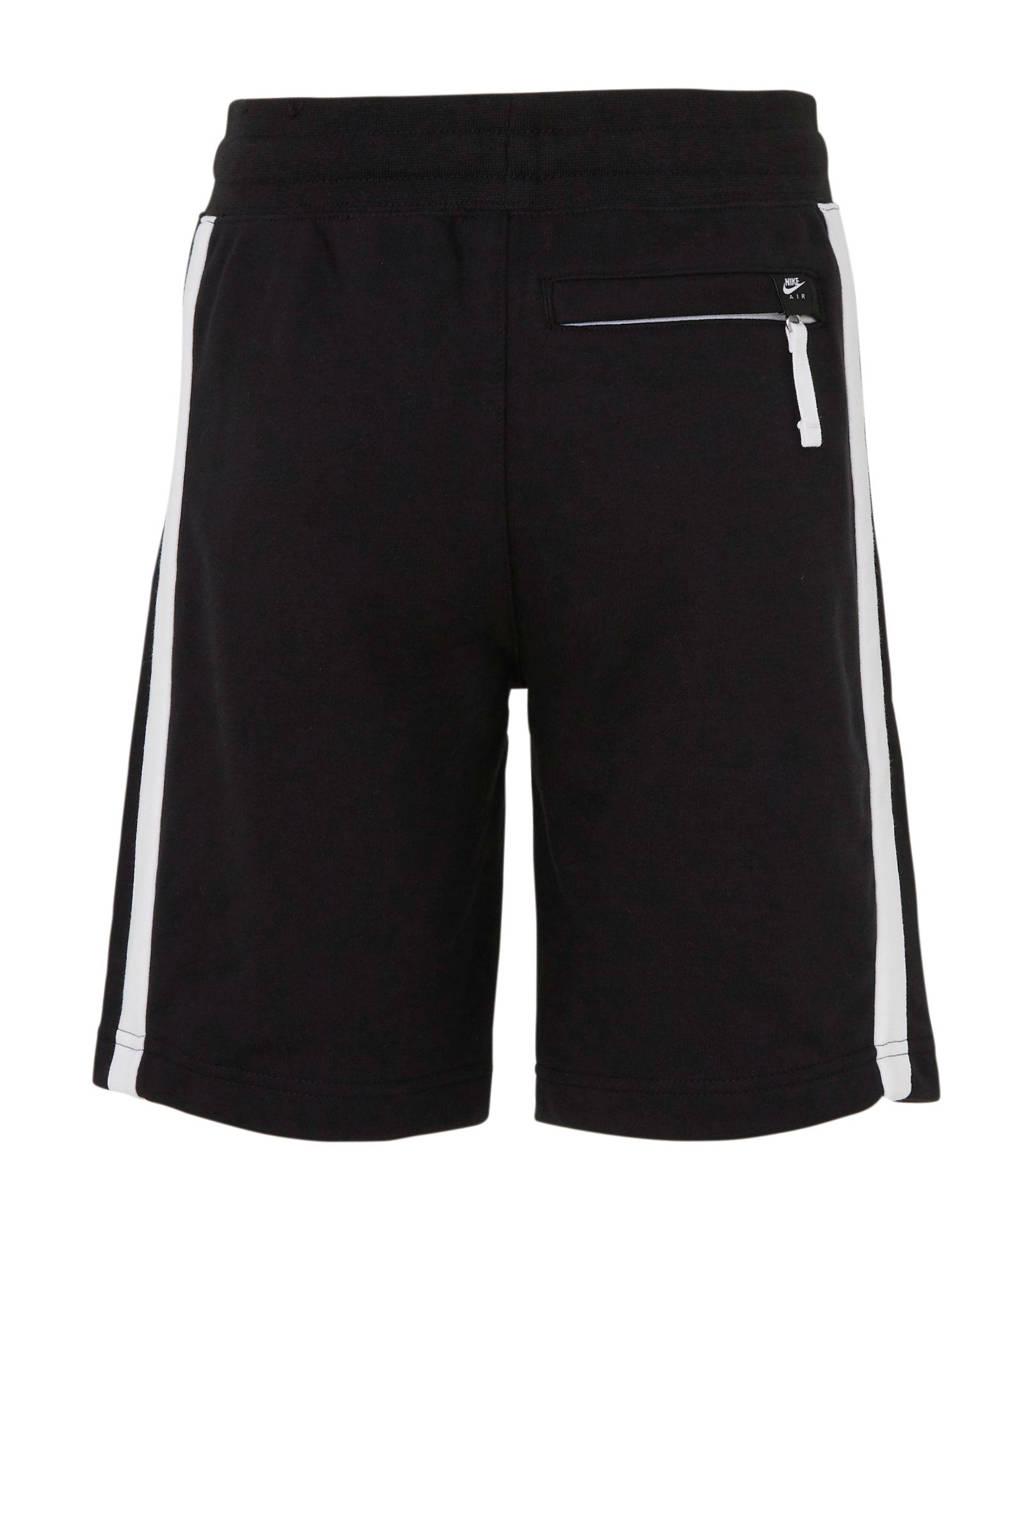 Nike   Air sweatshort zwart, Zwart/wit